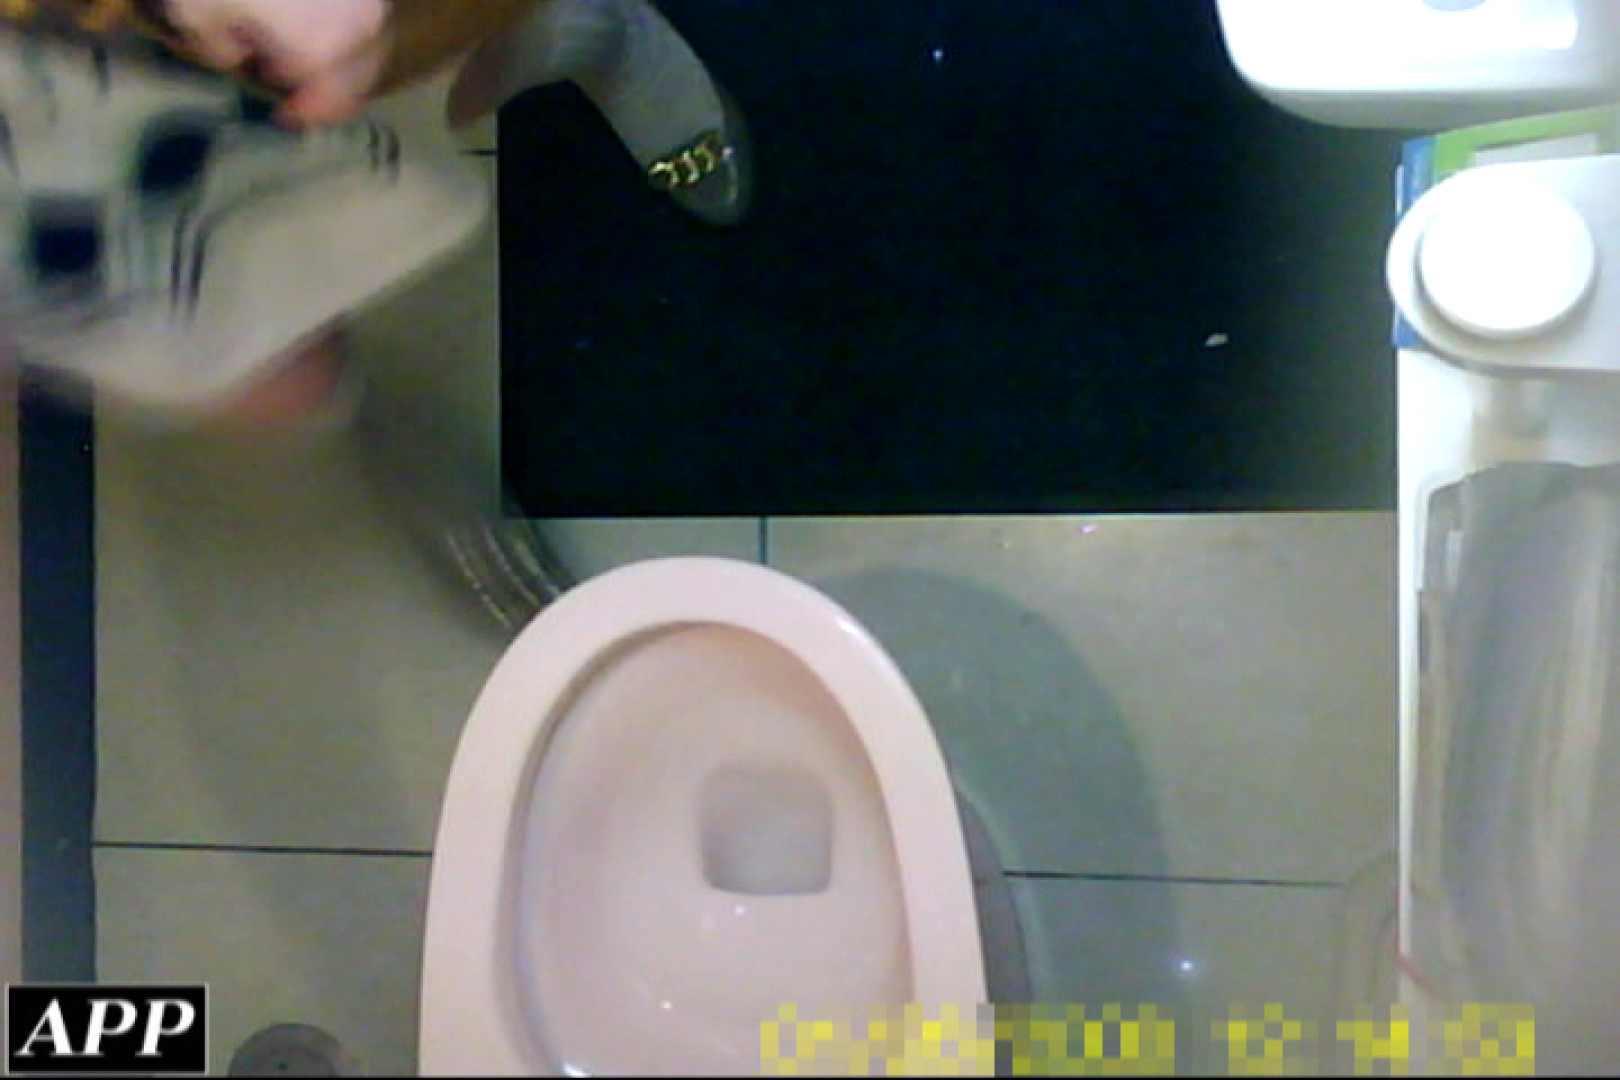 3視点洗面所 vol.105 OLのエロ生活 | オマンコギャル  78連発 7